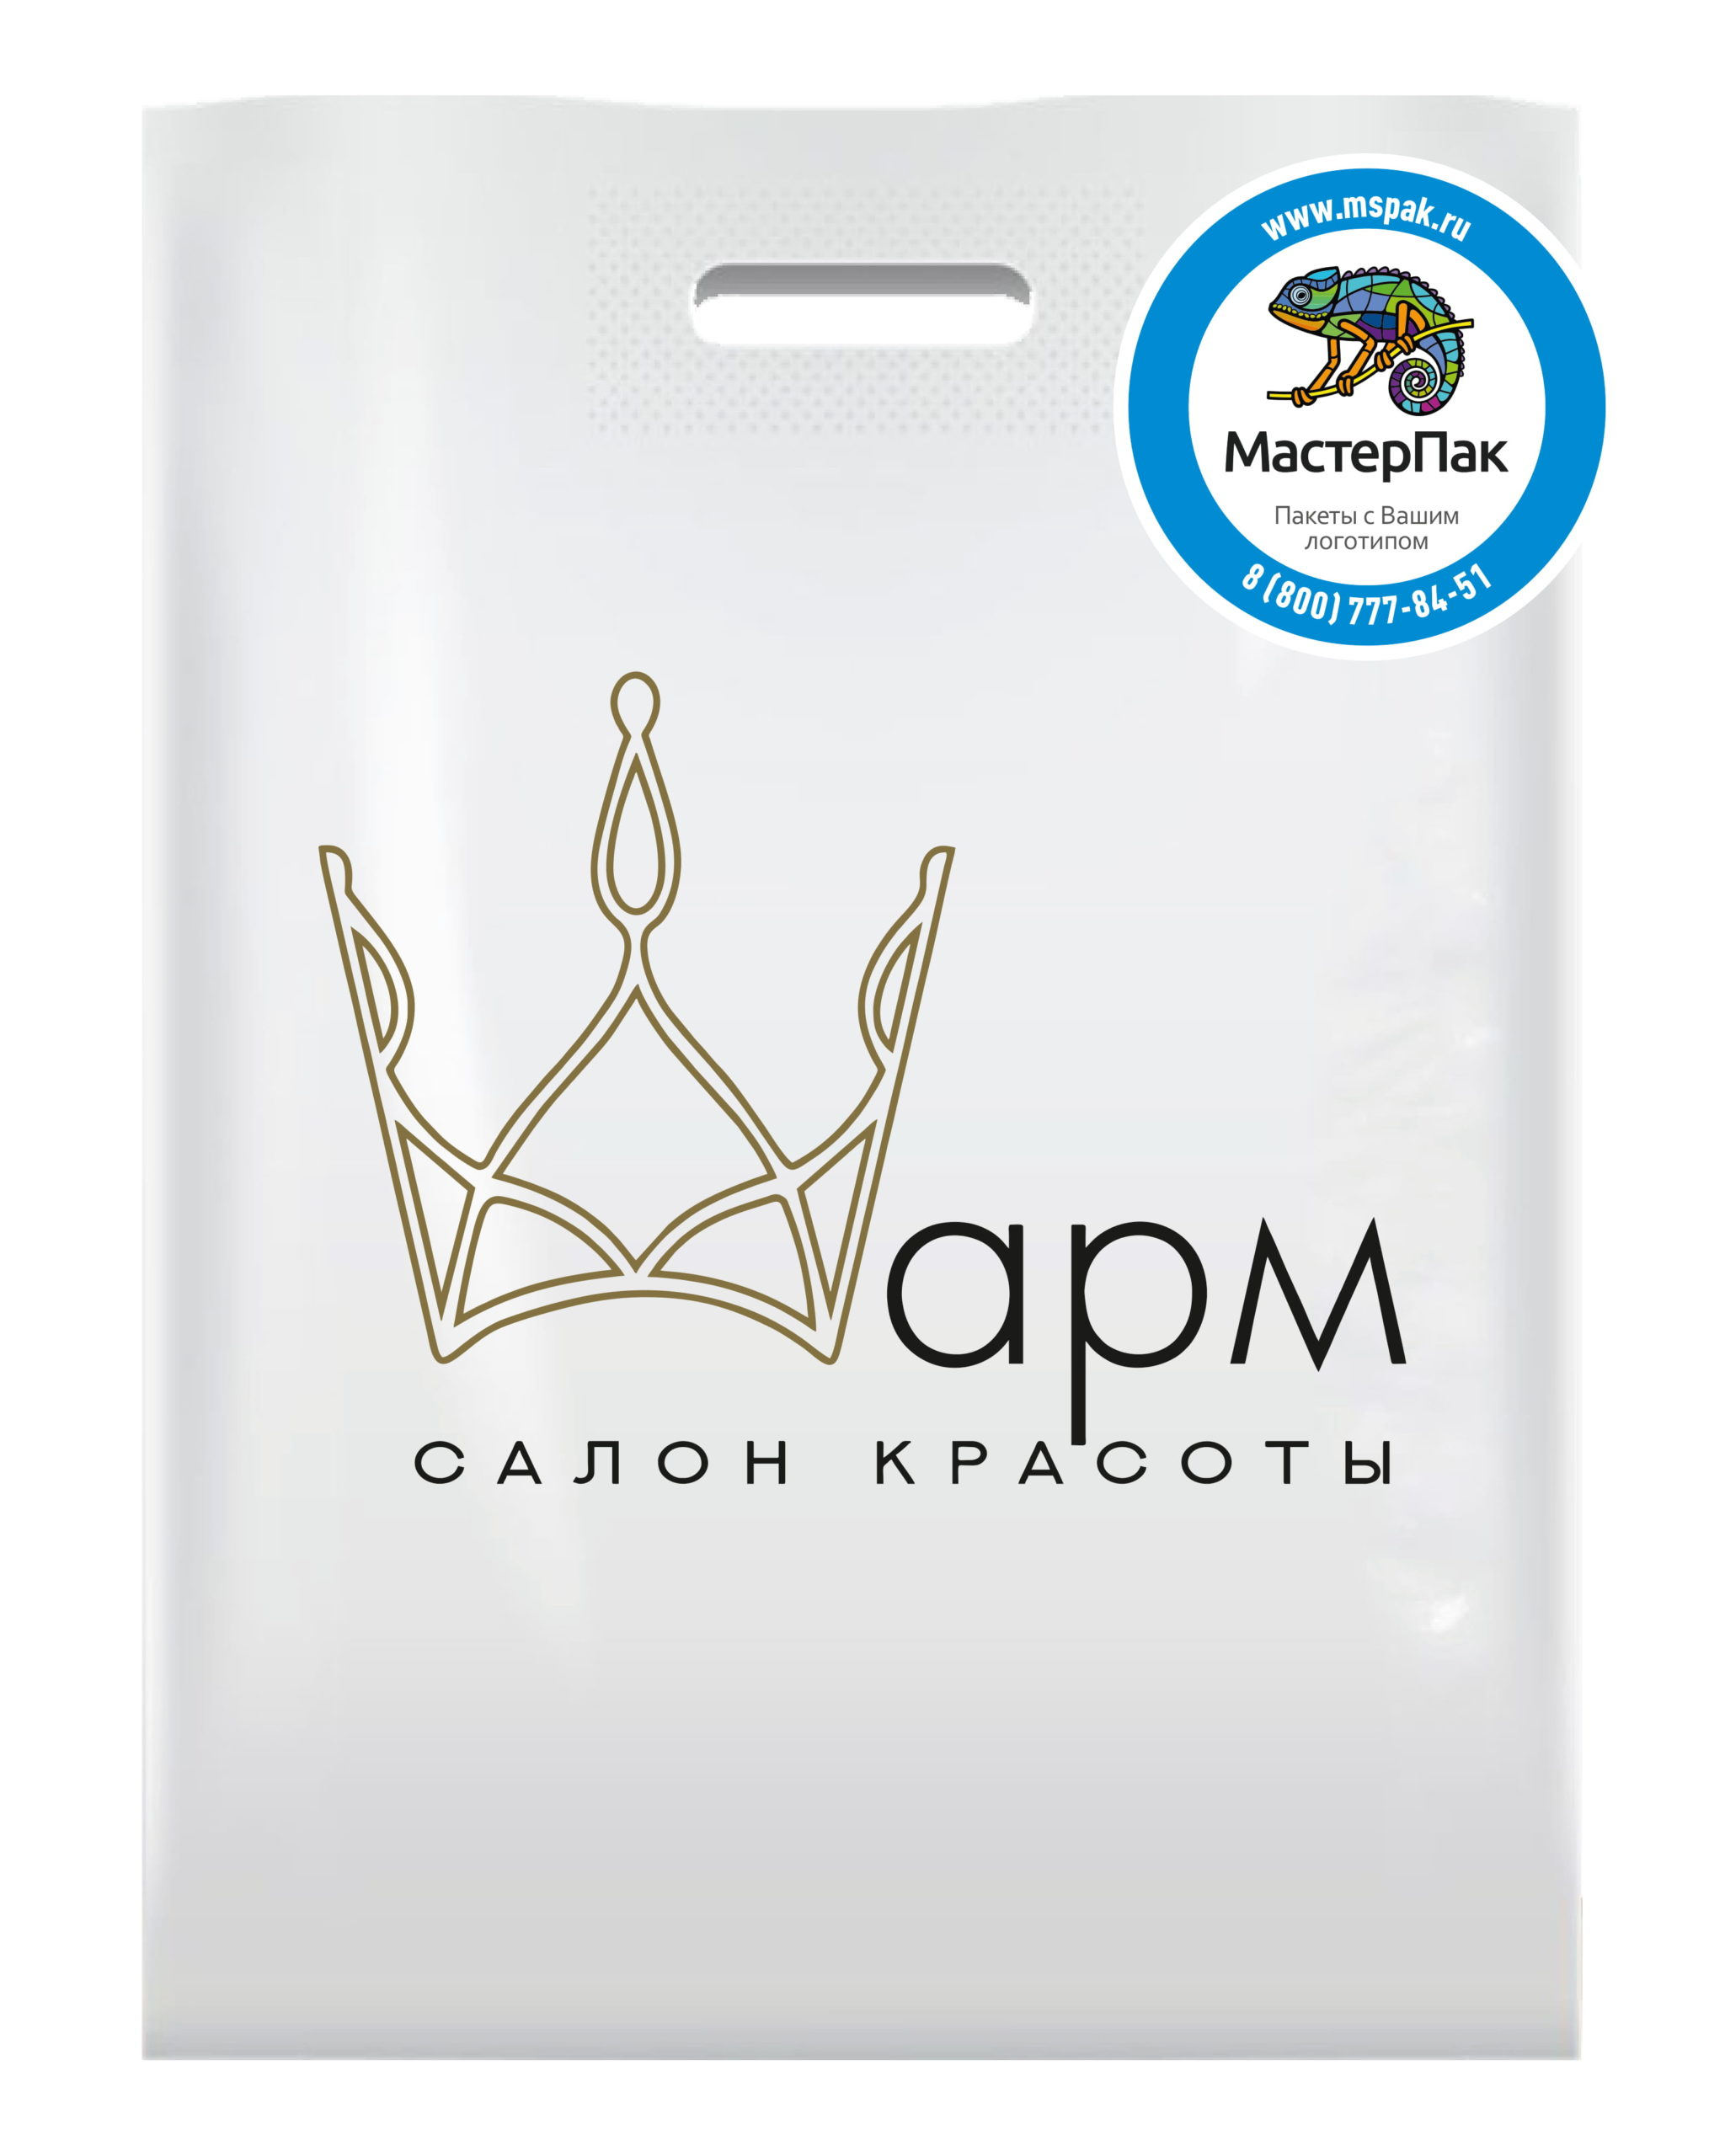 Пакет ПВД с вырубной ручкой и логотипом салона красоты Шарм, Калининград